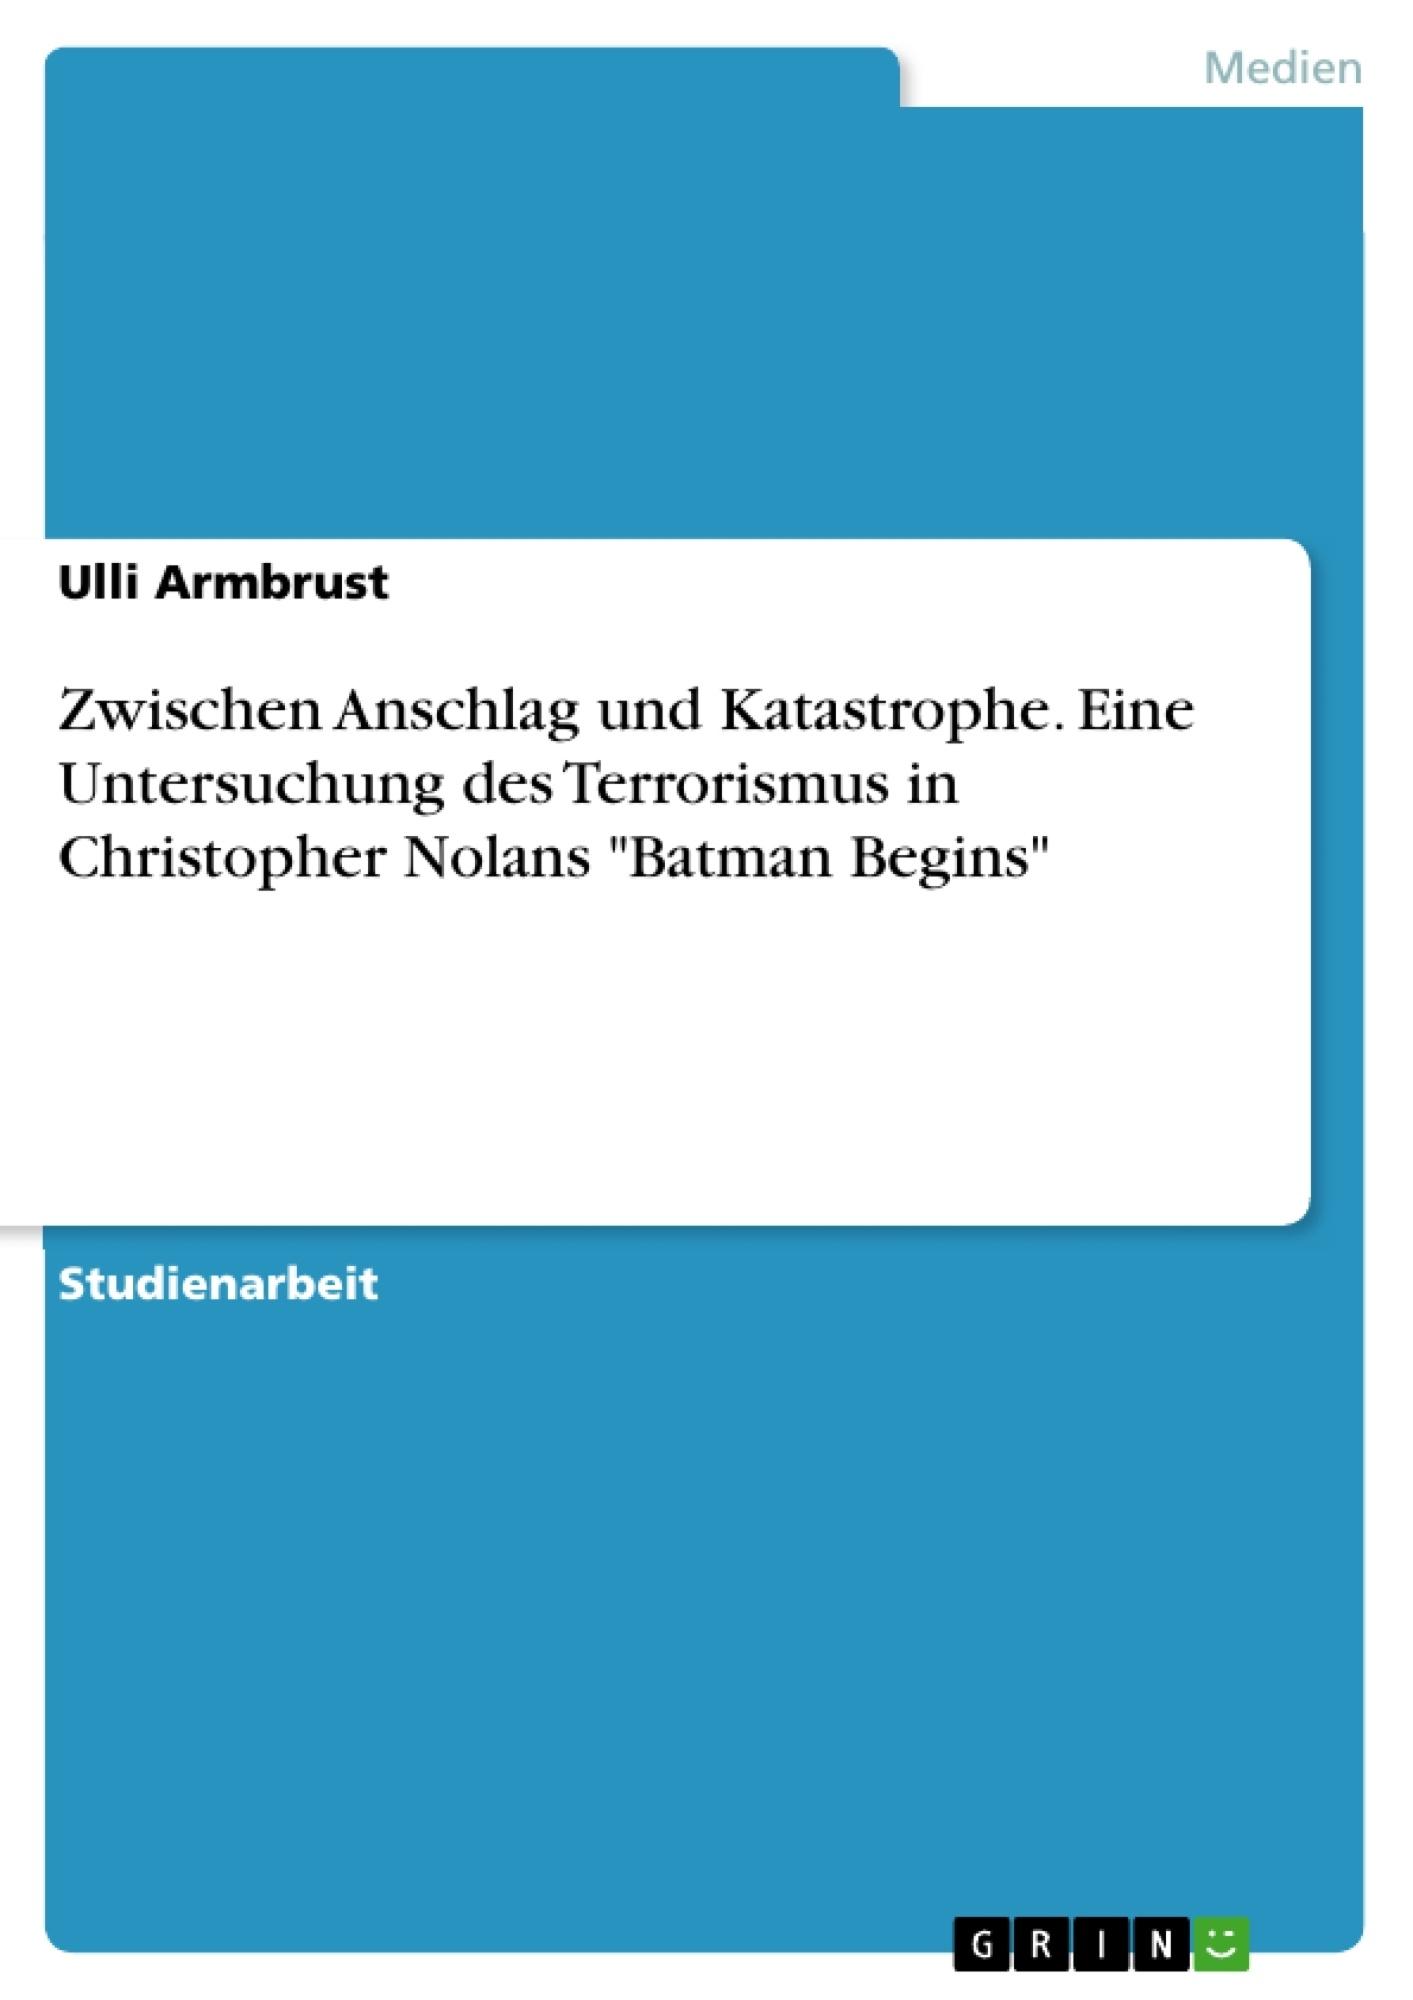 """Titel: Zwischen Anschlag und Katastrophe. Eine Untersuchung des Terrorismus in Christopher Nolans """"Batman Begins"""""""